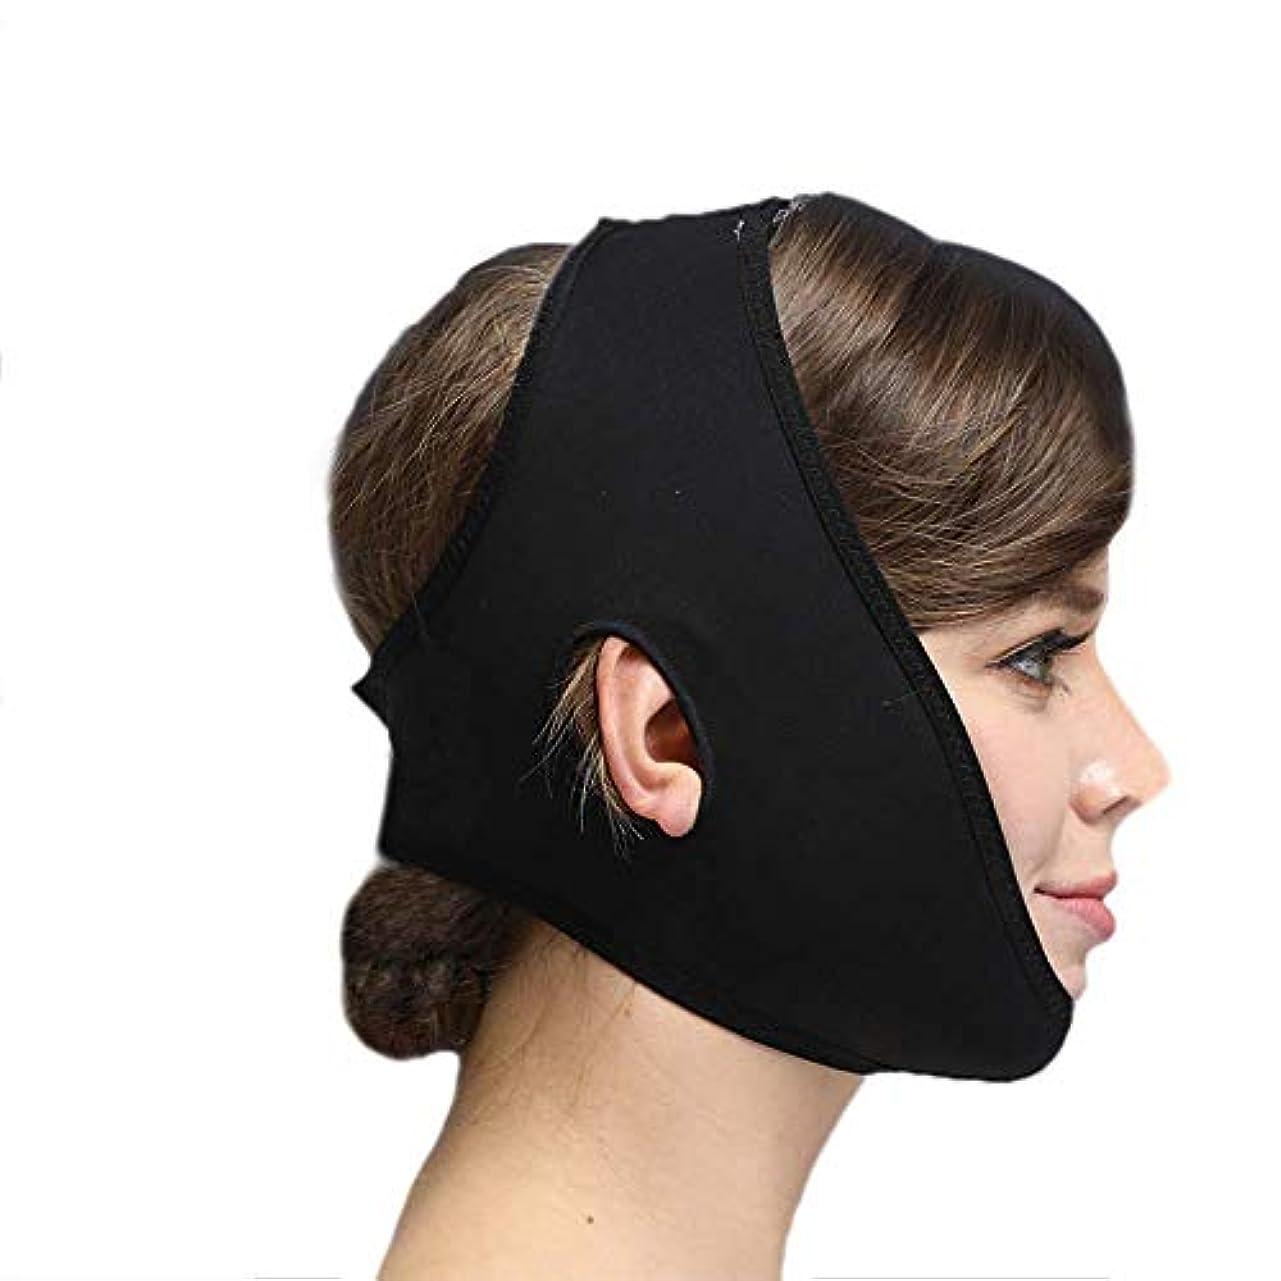 素朴なパンダプロポーショナルフェイススリミングマスク、快適さと通気性、フェイシャルリフティング、輪郭の改善された硬さ、ファーミングとリフティングフェイス(カラー:ブラック、サイズ:XL),ブラック2、XXL